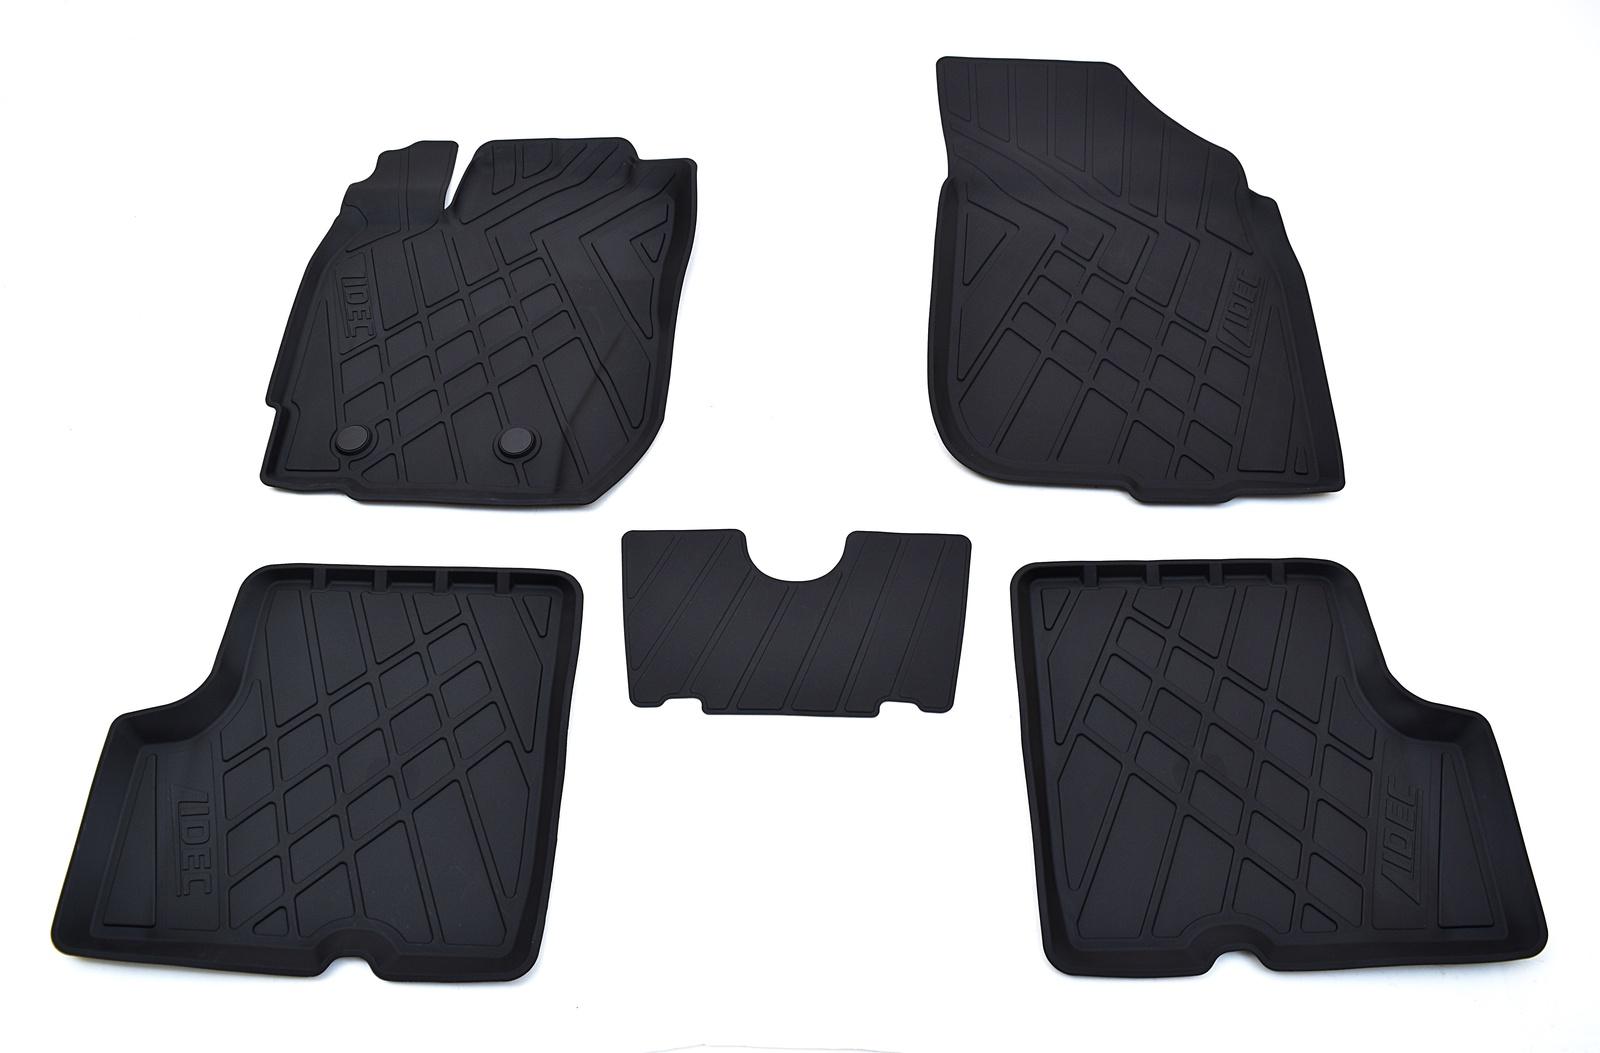 Коврики в салон автомобиля Avtodriver литьевые для Datsun Mi-Do (2015), Np11-Ldc-16-200, черный gm ldc 300o